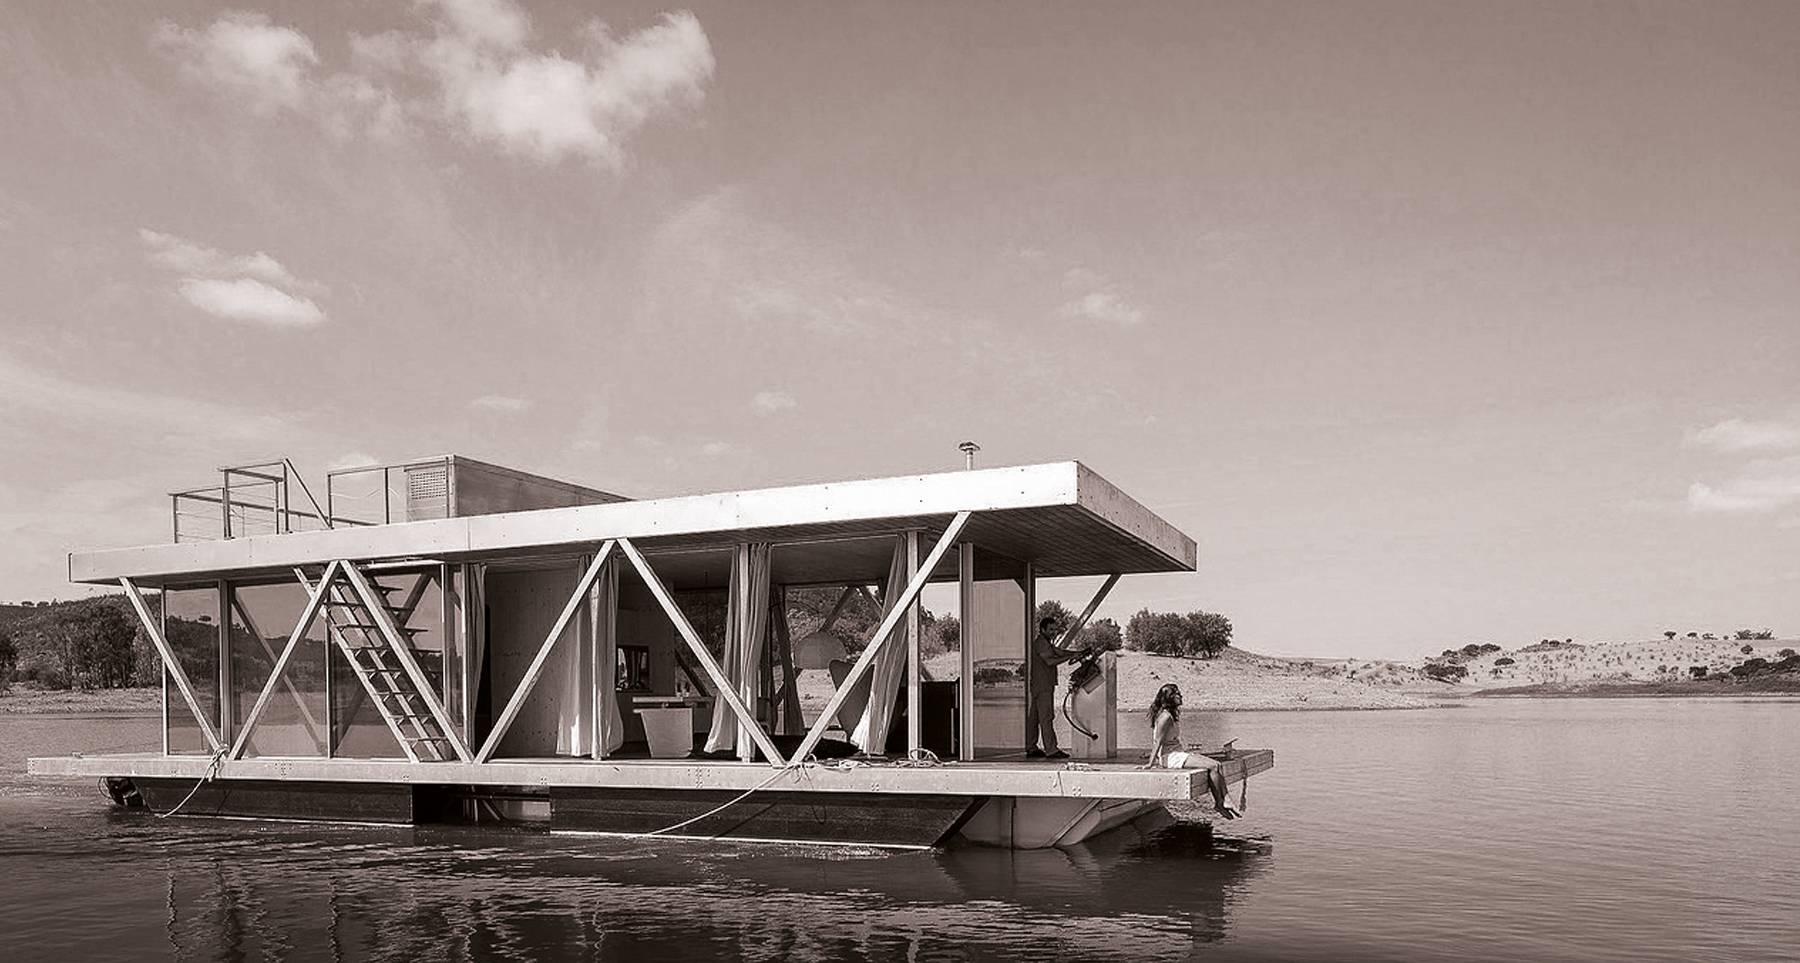 Una casa flotante en el lago Alqueva. ¿Ha pensado alguna vez en unos días de descanso en pareja, en familia o entre amigos en un lago o en un rincón agradable de una ensenada fluvial, pero con toda la comodidad y el confort de una habitación bien equipada?